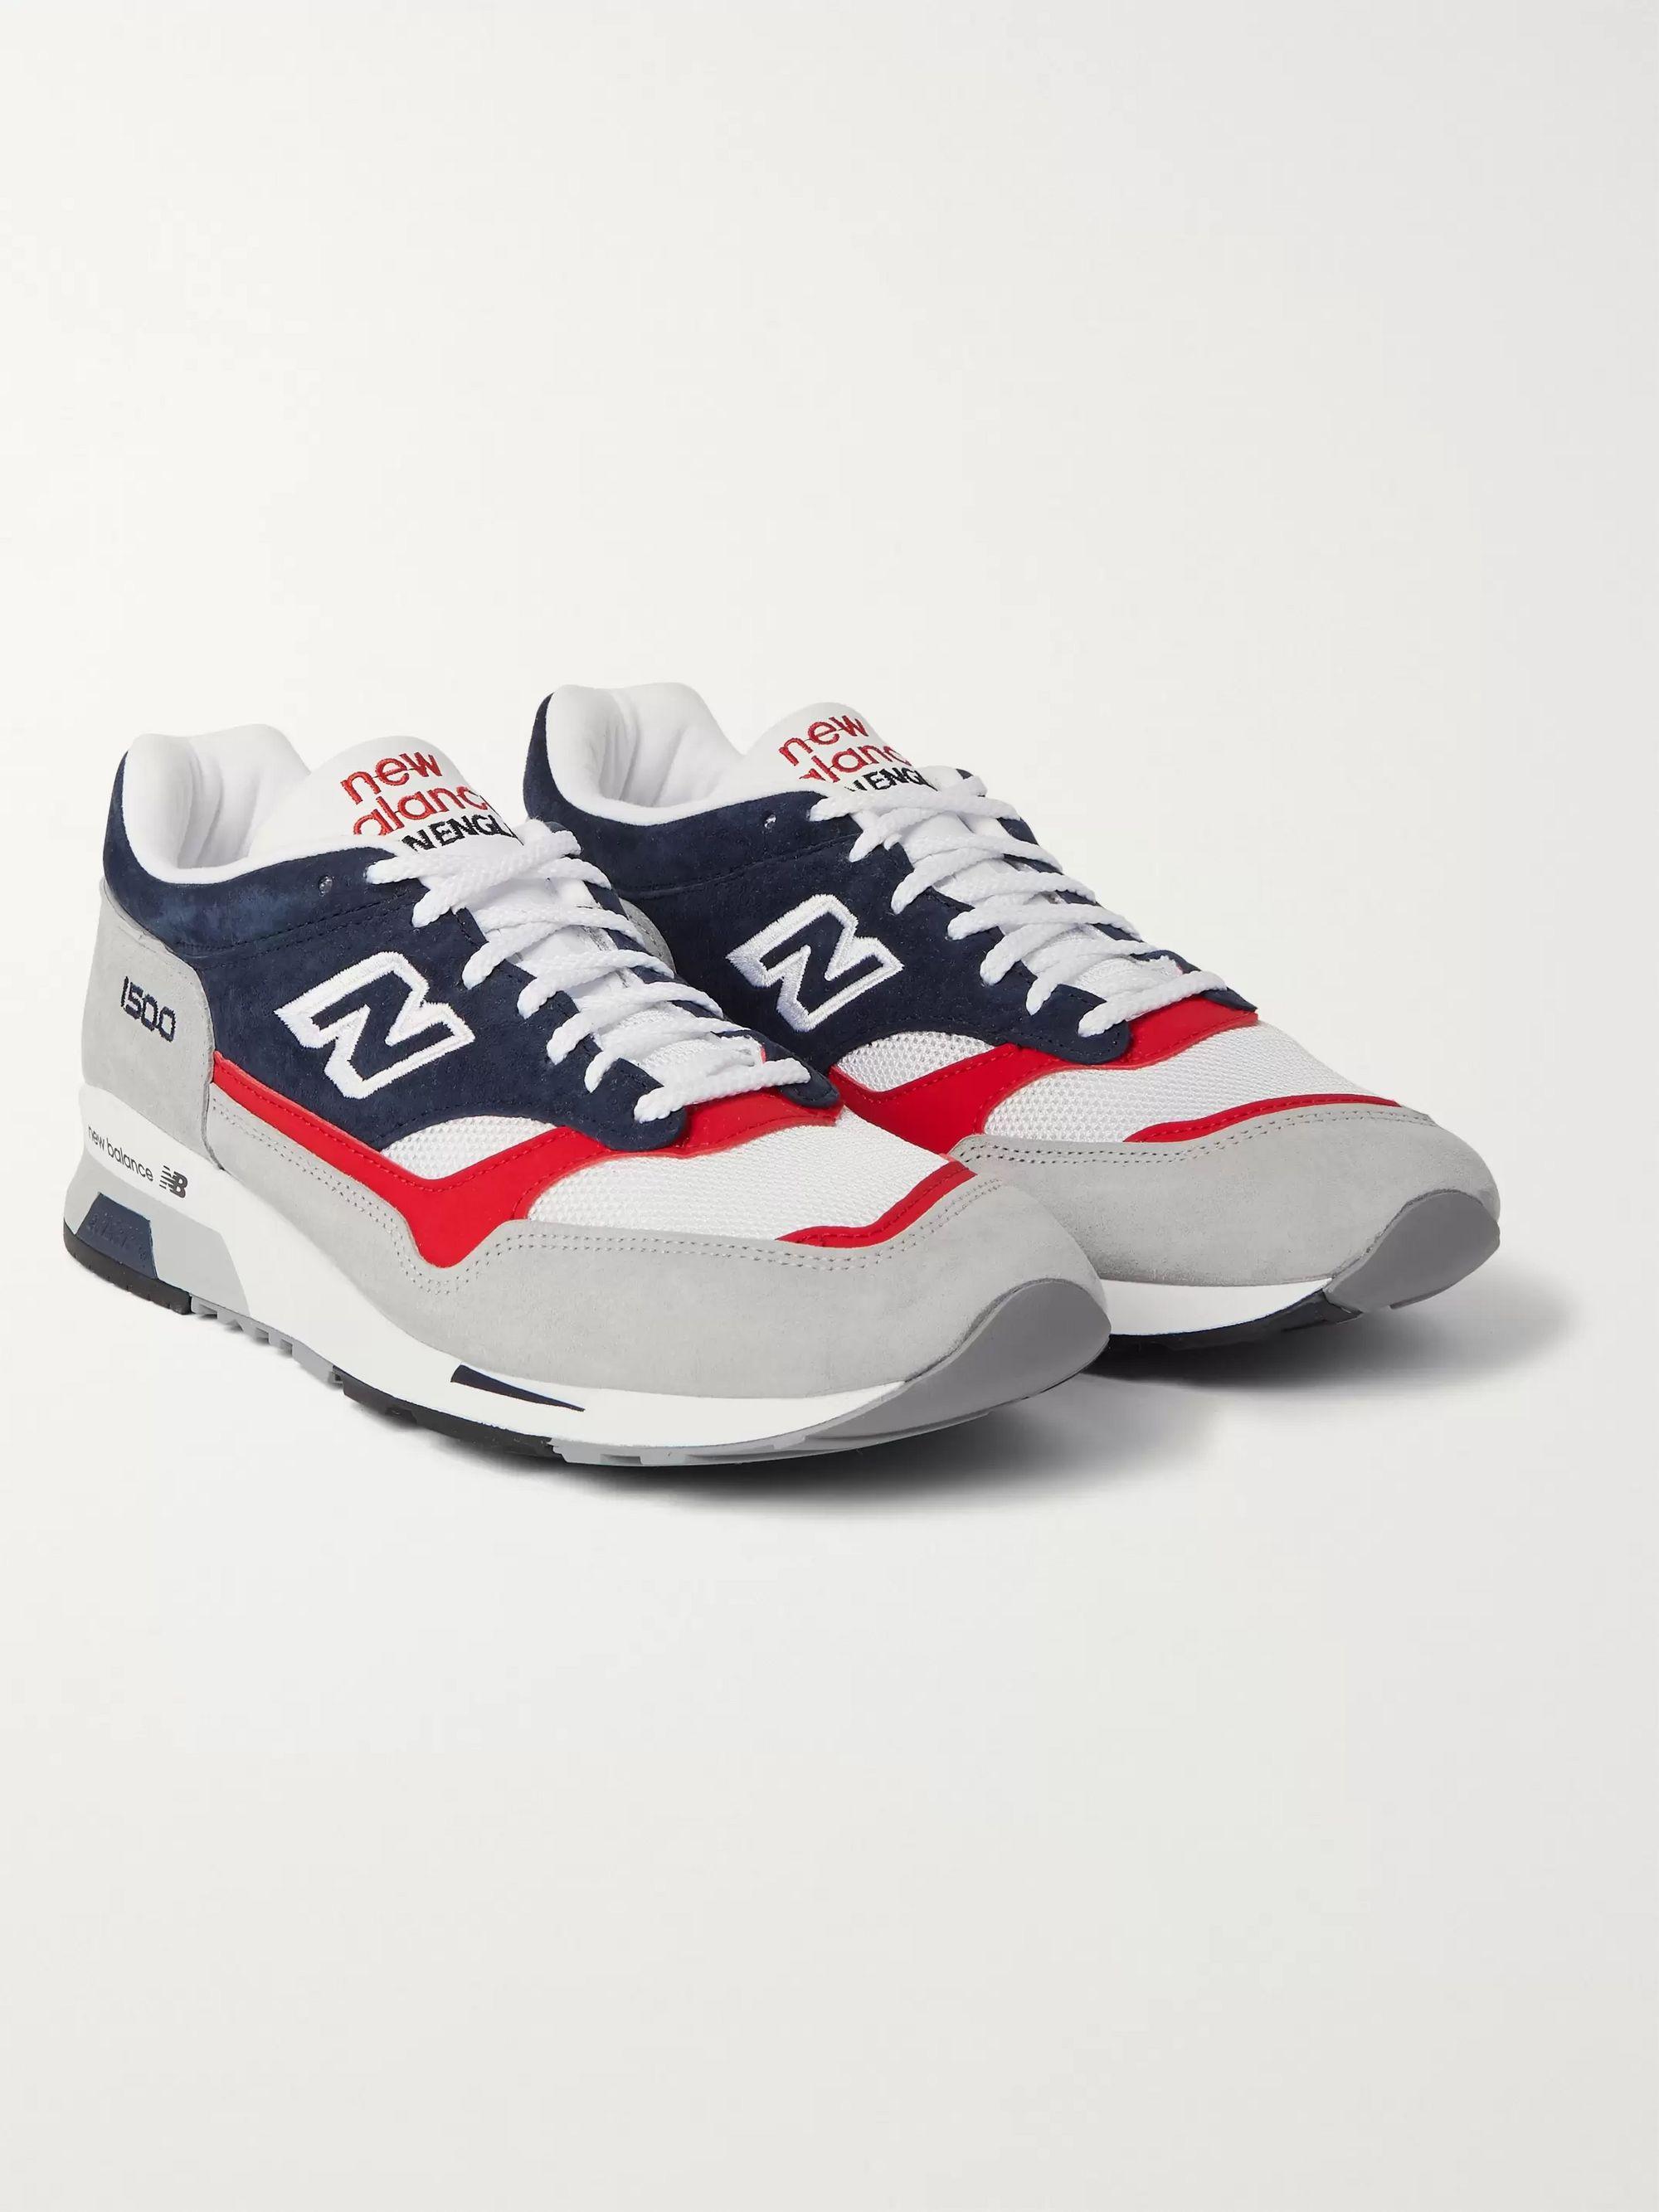 뉴발란스 New Balance M1500TBT Leather Suede and Mesh Sneakers,Gray